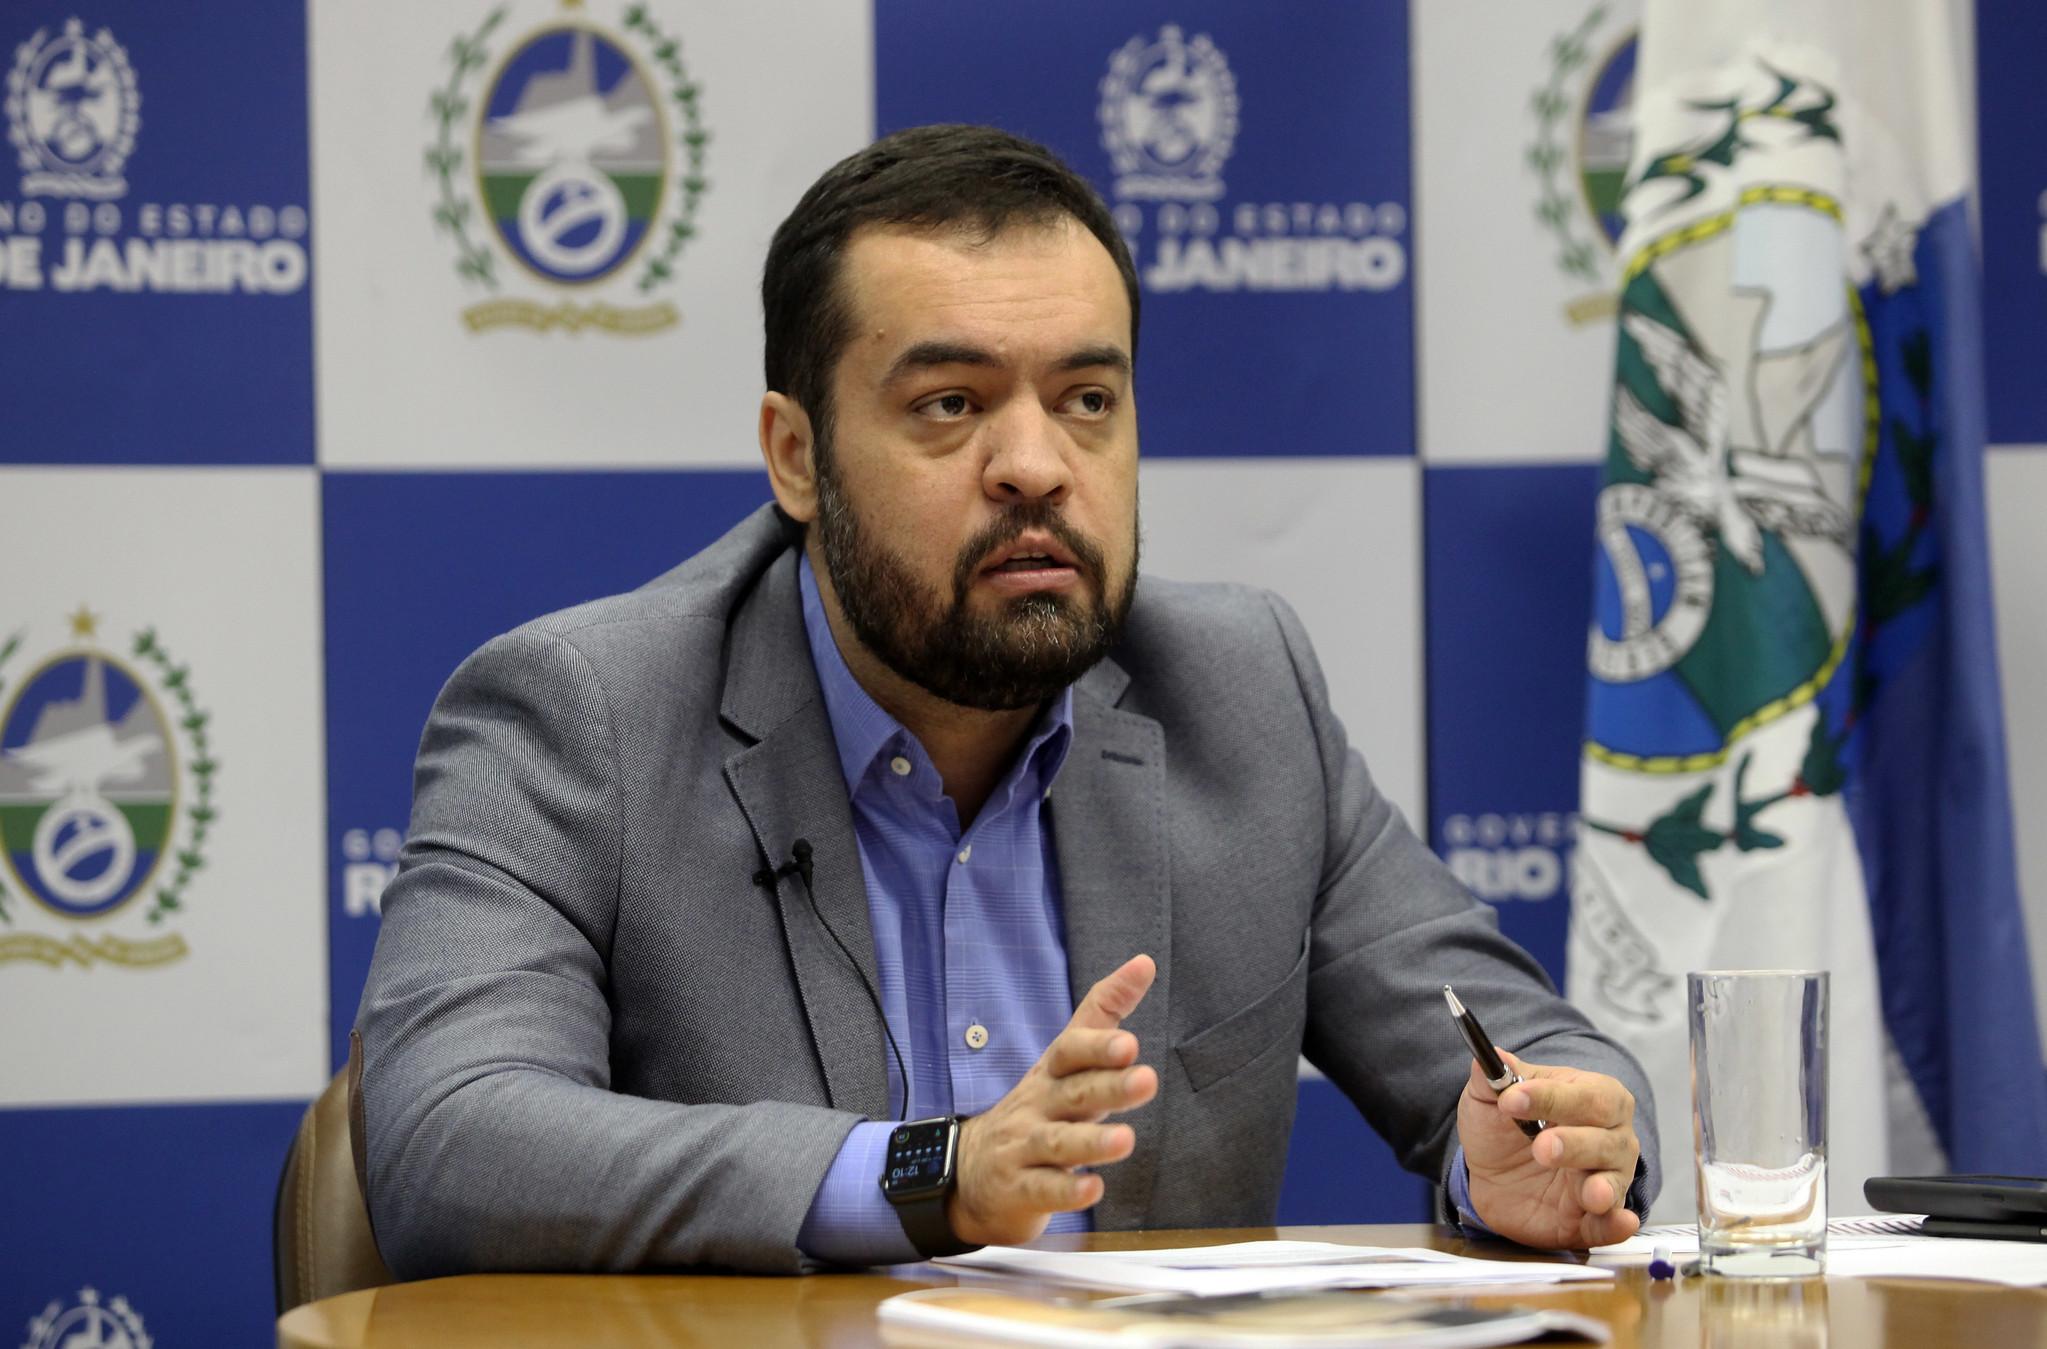 IMAGEM: Governador do Rio terá de se explicar sobre ligação de Jairinho após morte de Henry